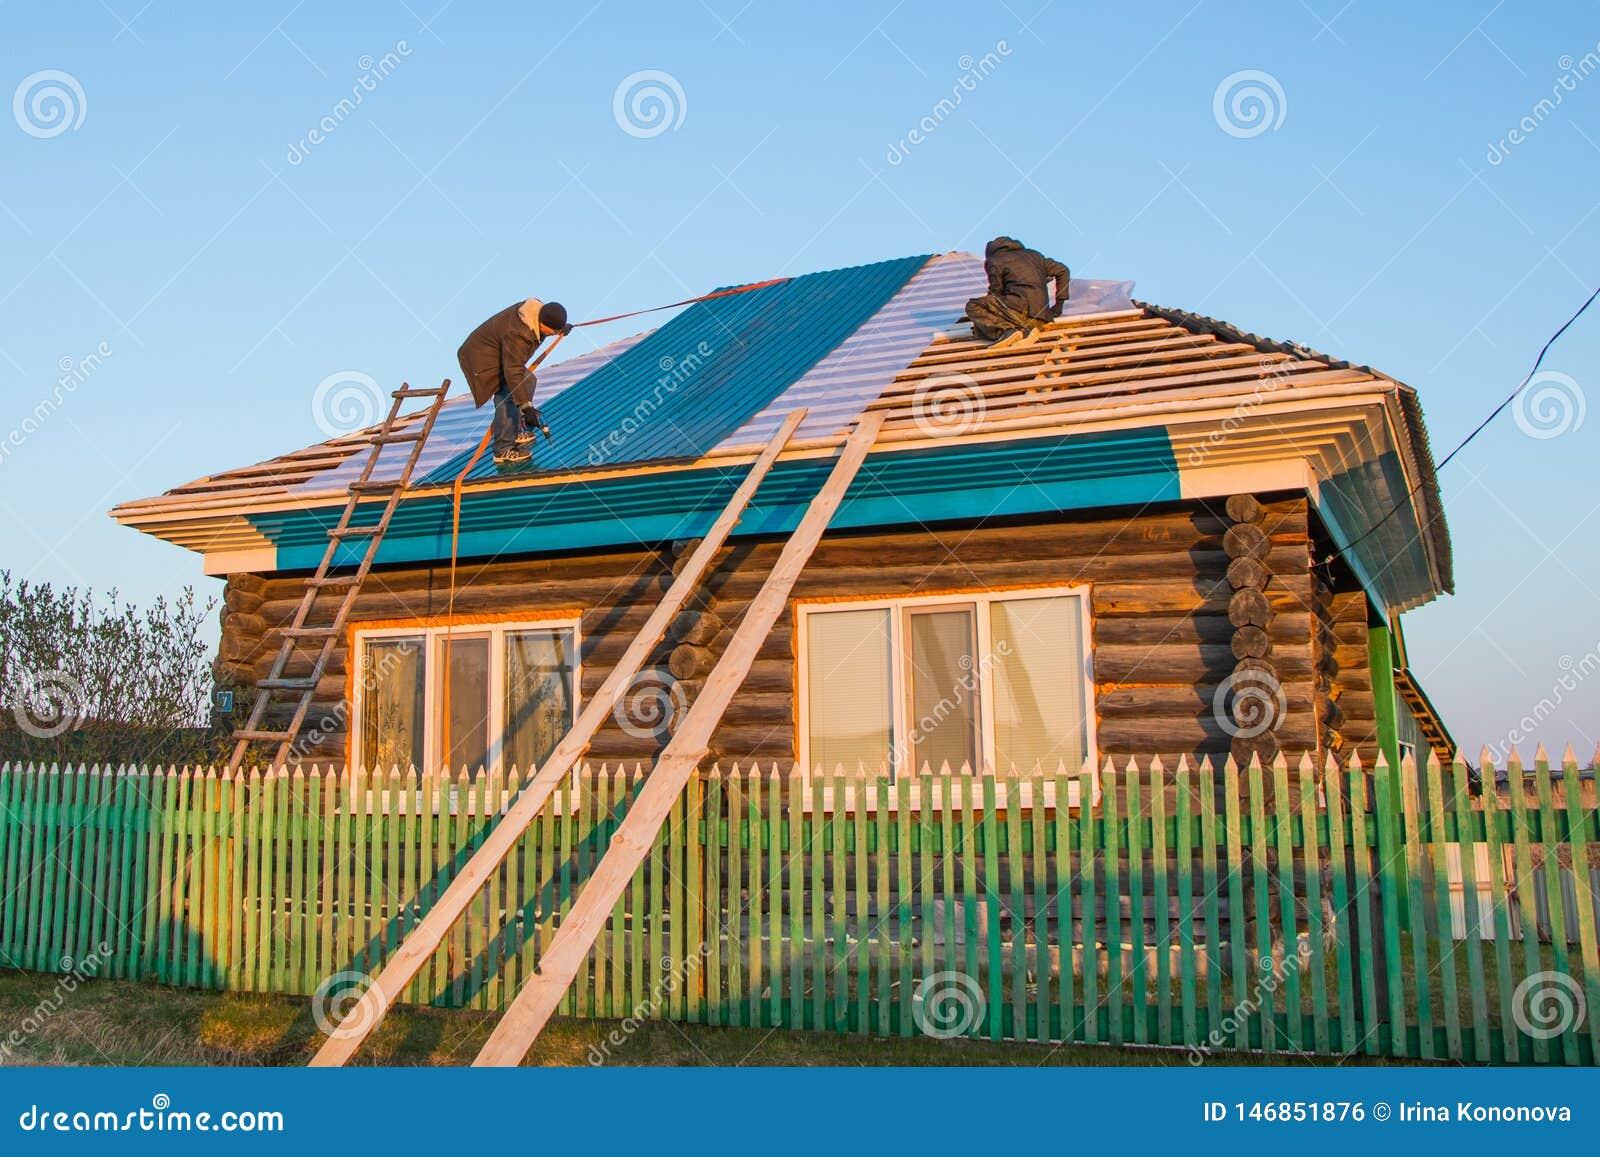 Dos trabajadores cubren el tejado de una casa rural con las tejas del metal